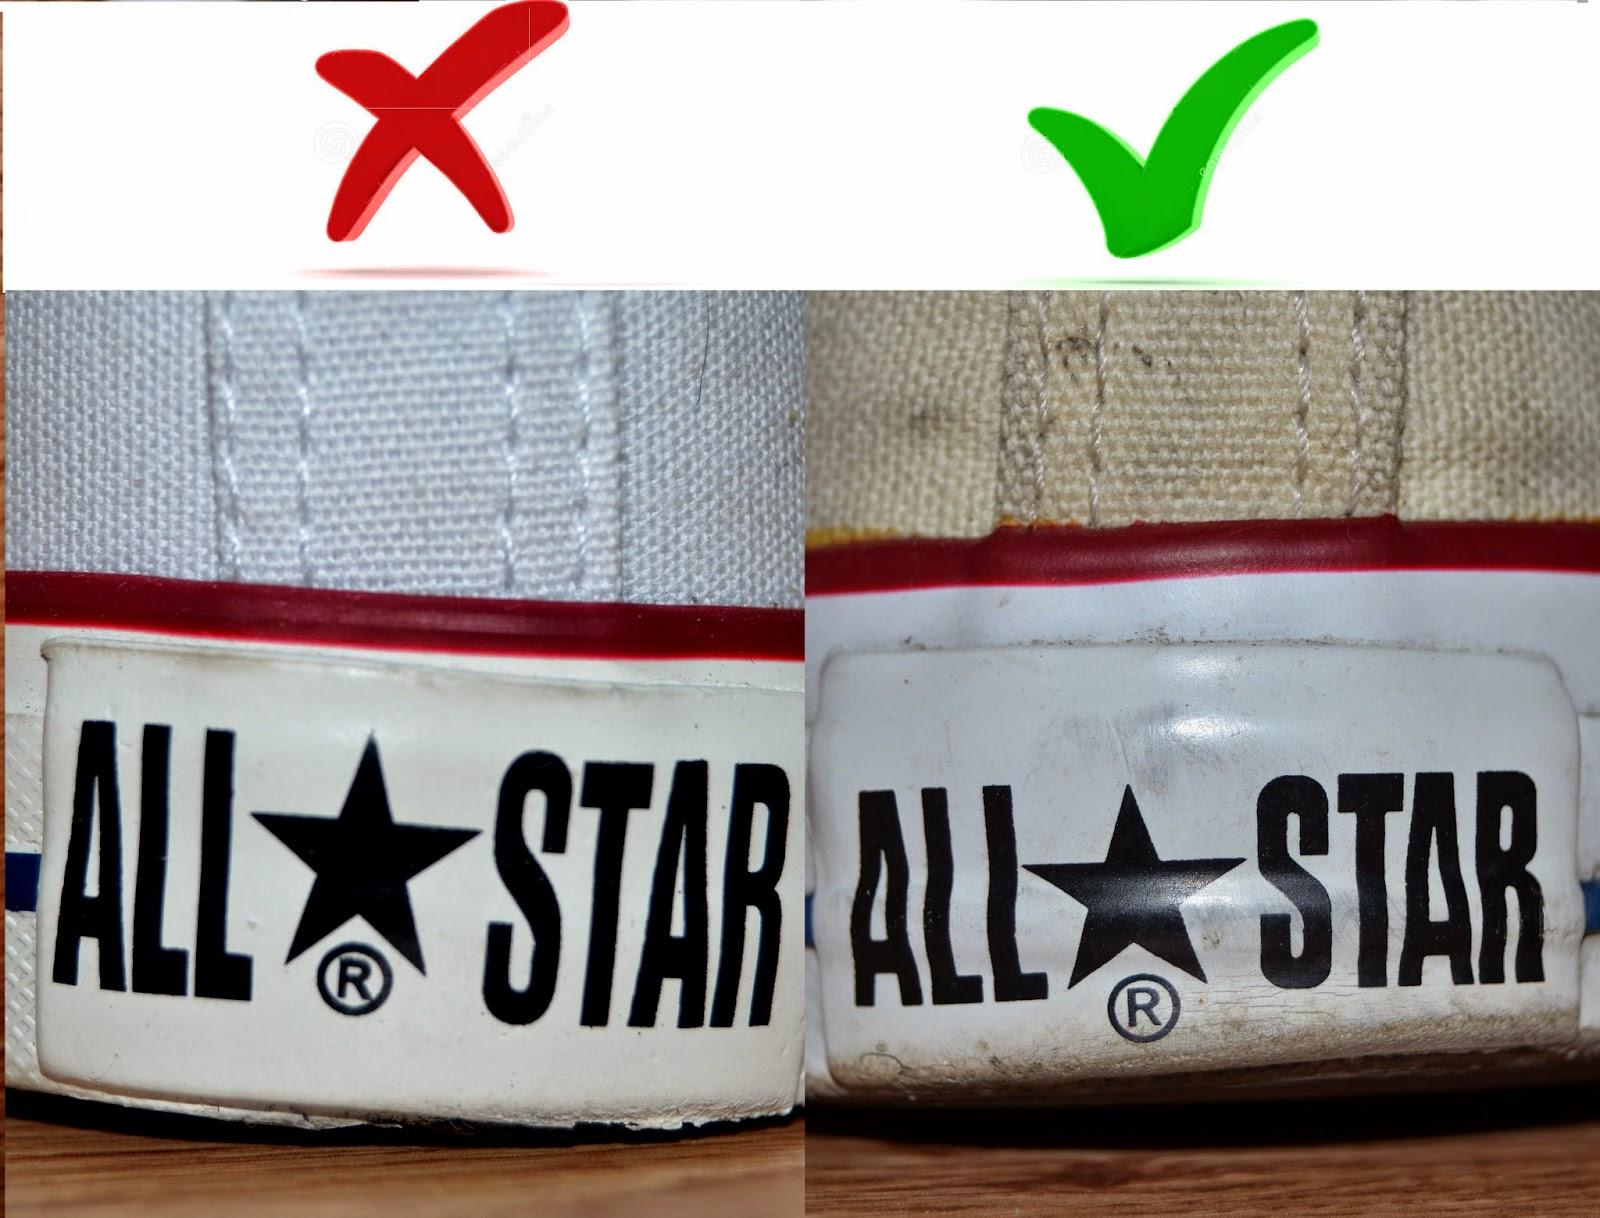 71118586d88fa Napis z tyłu buta w oryginalnych Conversach jest czarny, literki nie są  rozciągnięte i przede wszystkim widać wypukłość. W podrobionych Conversach  tył jest ...